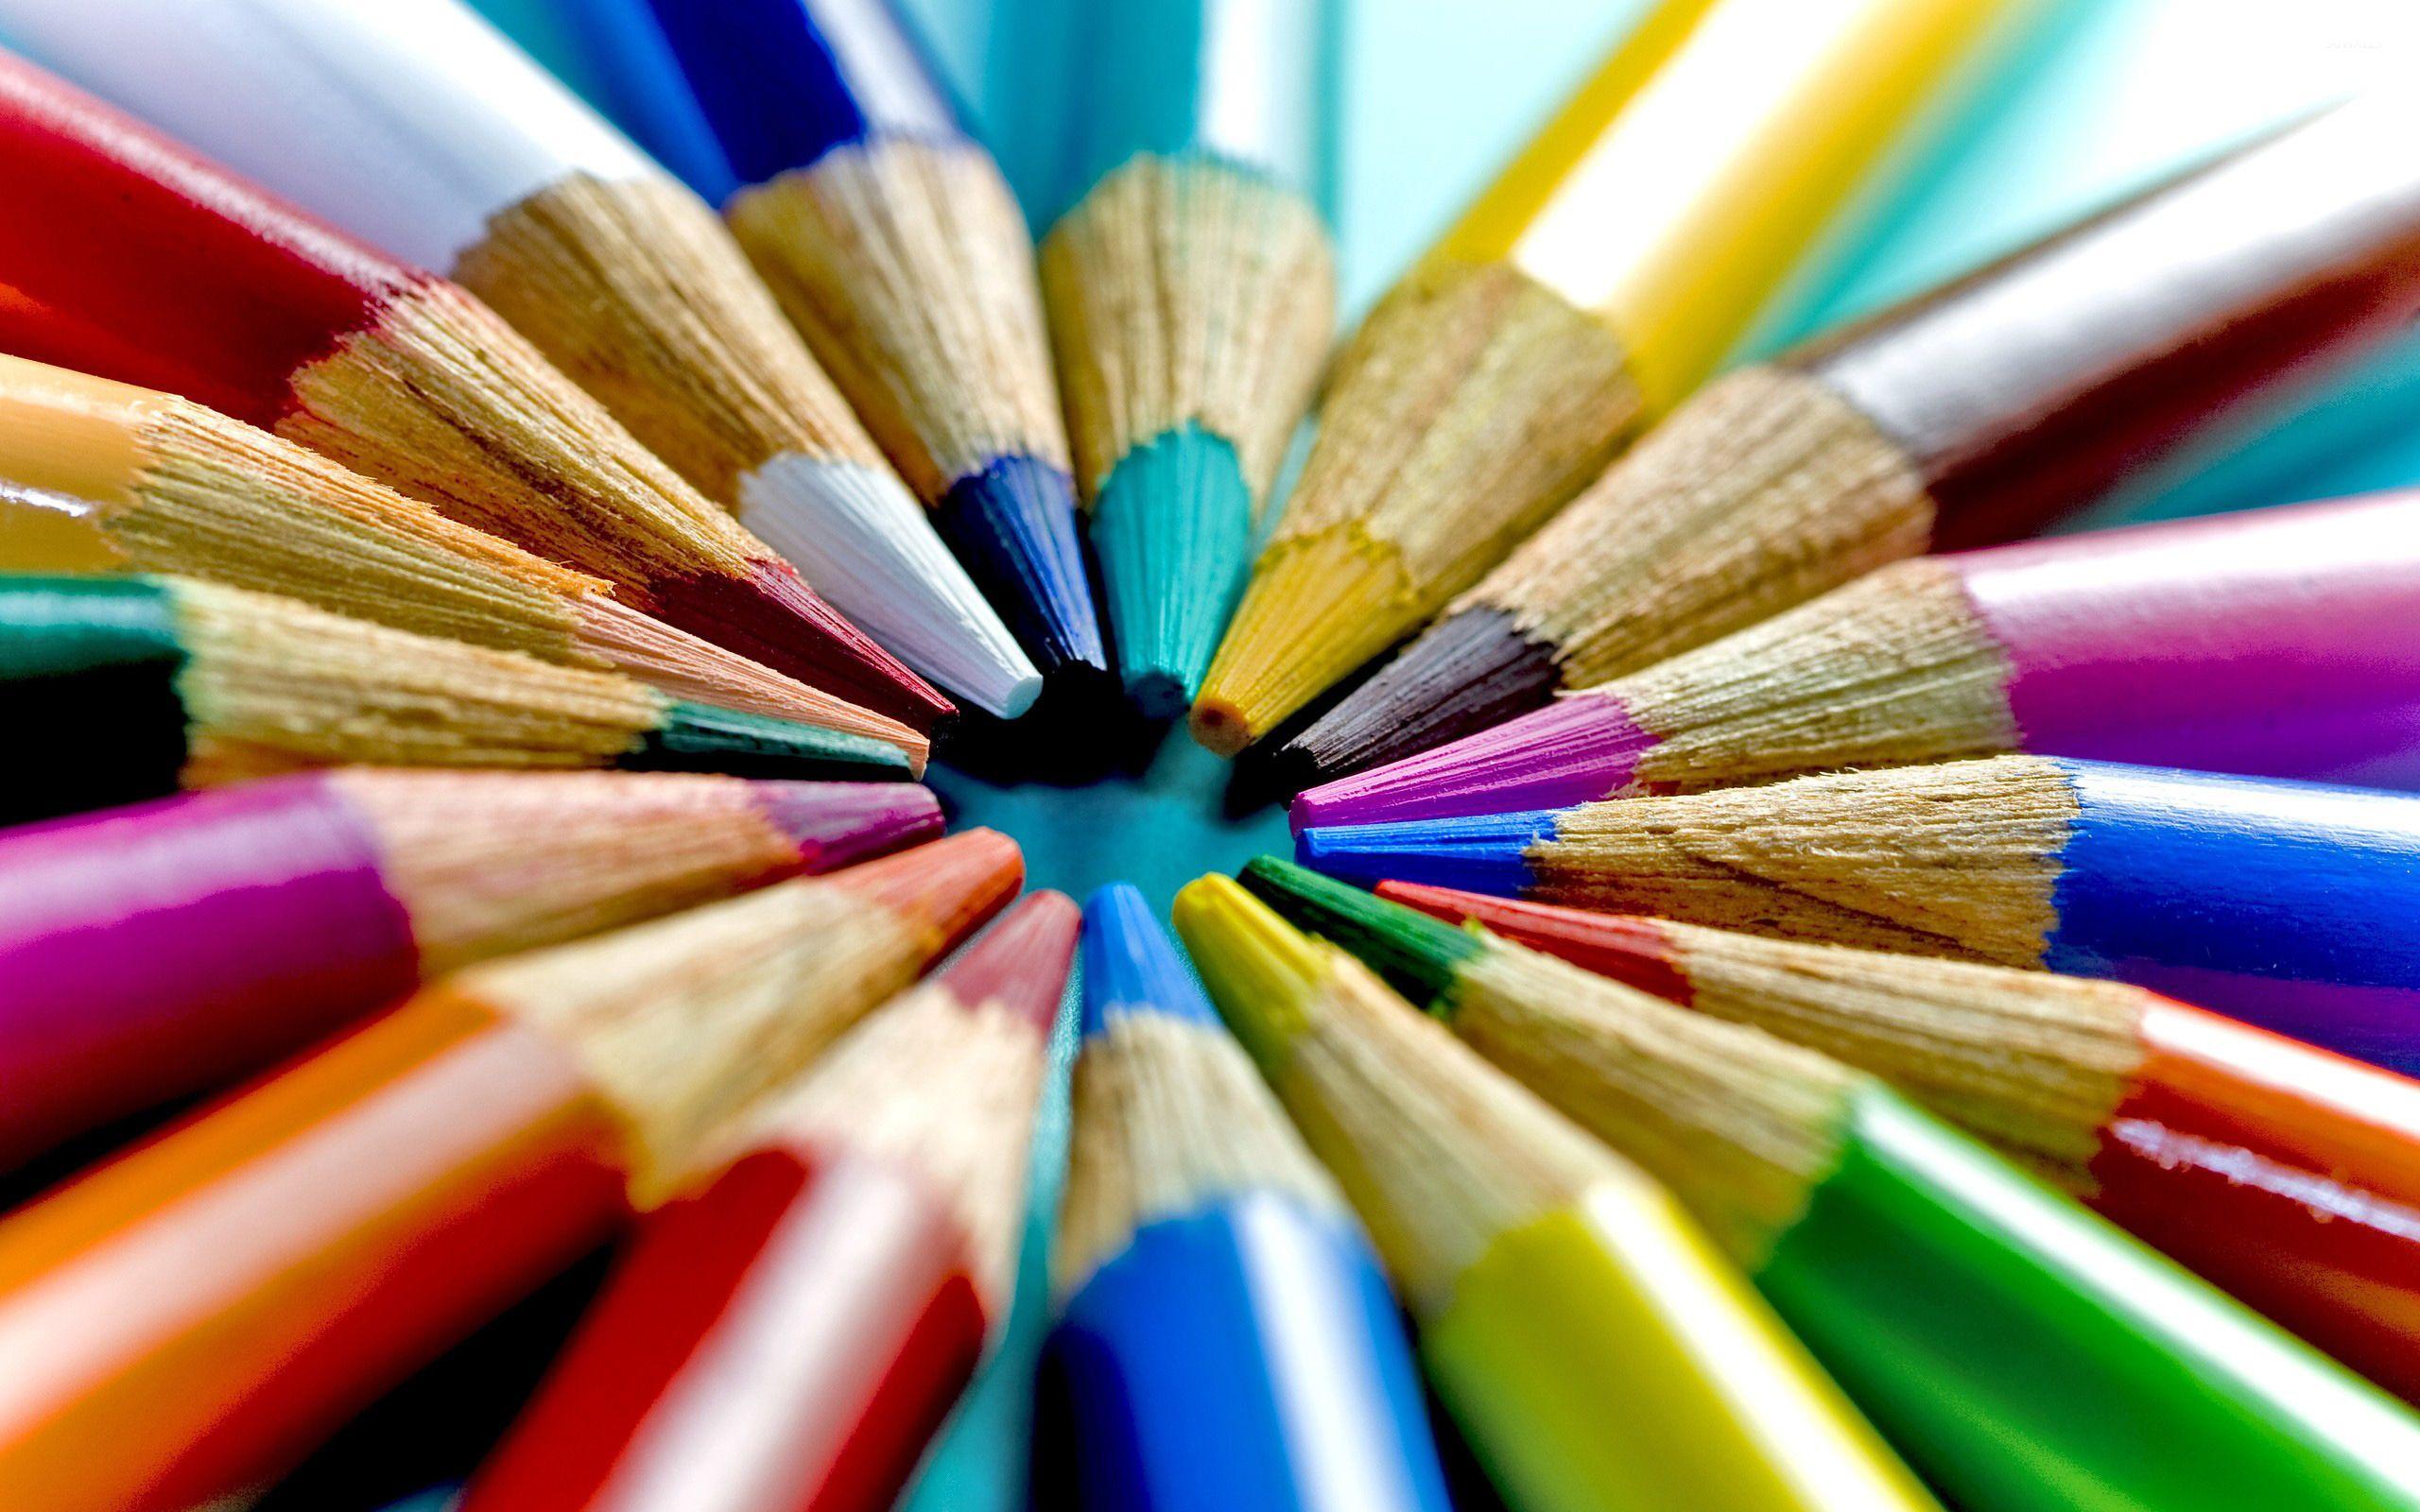 Pencil Wallpaper